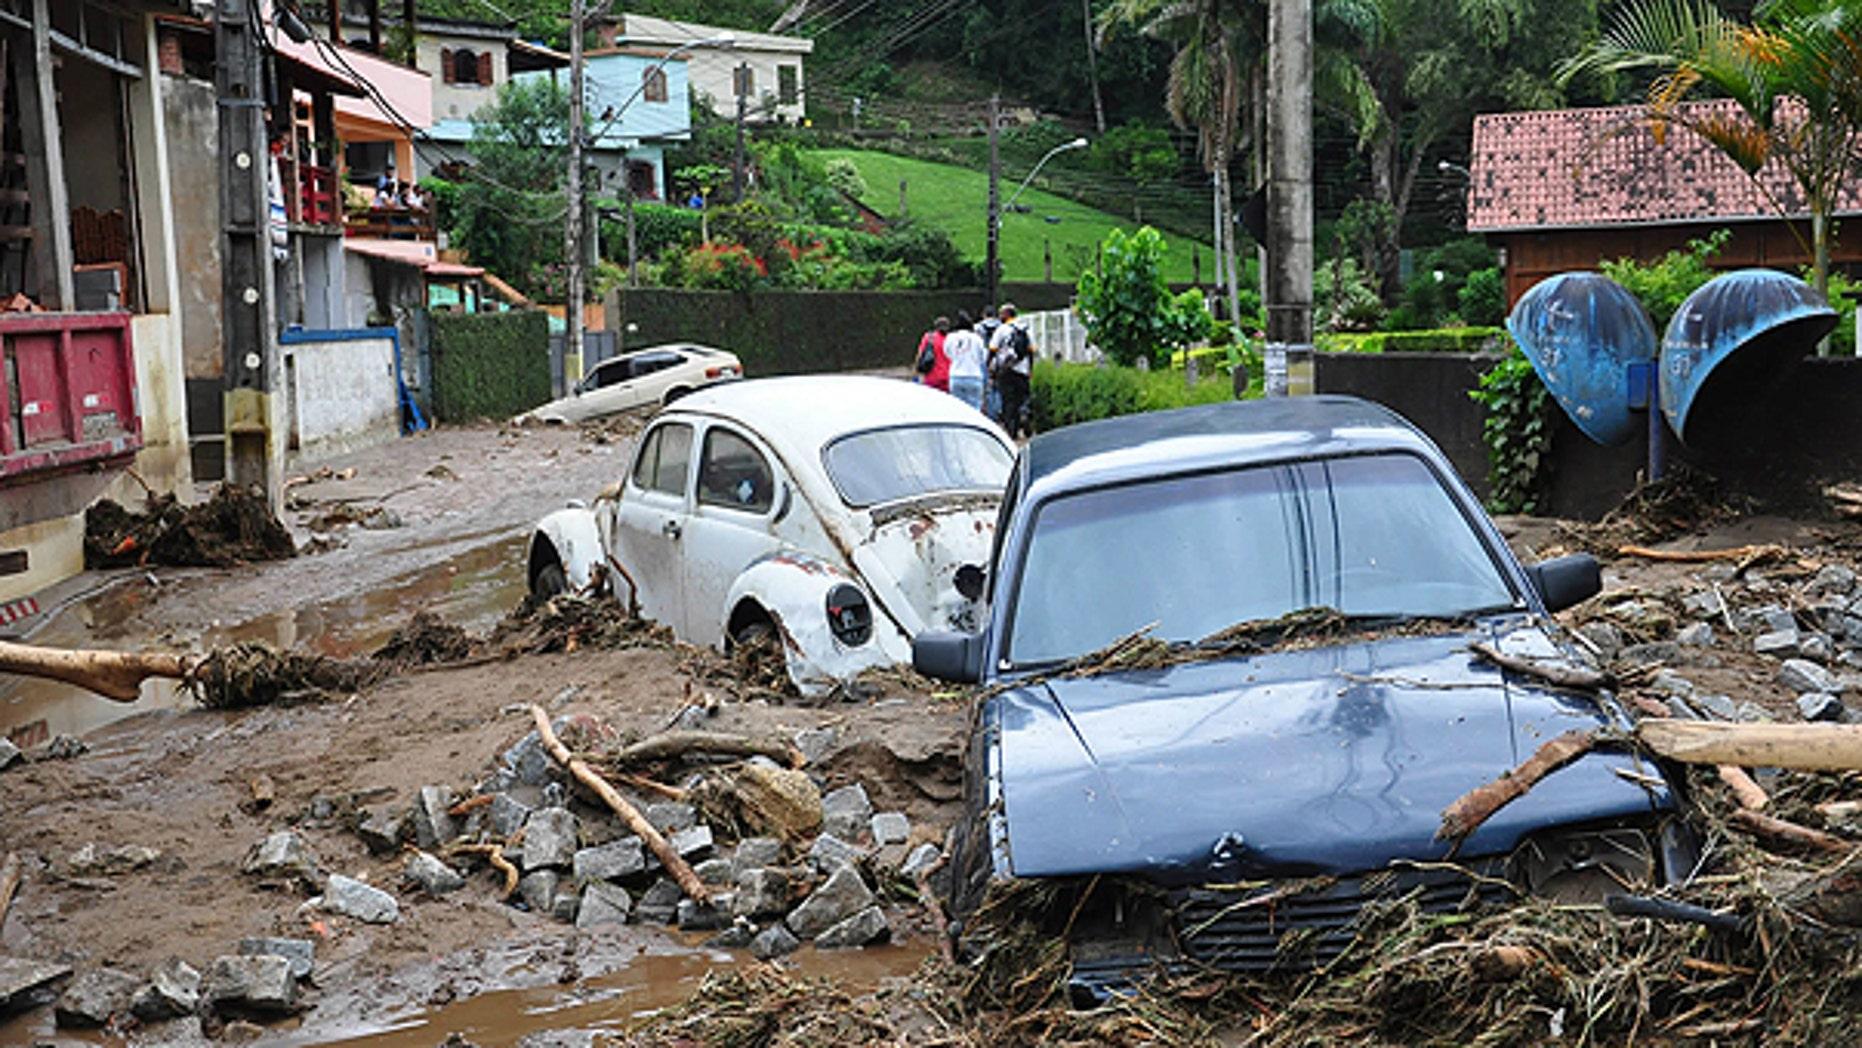 Jan. 12: Cars sit in debris in a flooded street in Teresopolis, Rio de Janeiro state, Brazil.